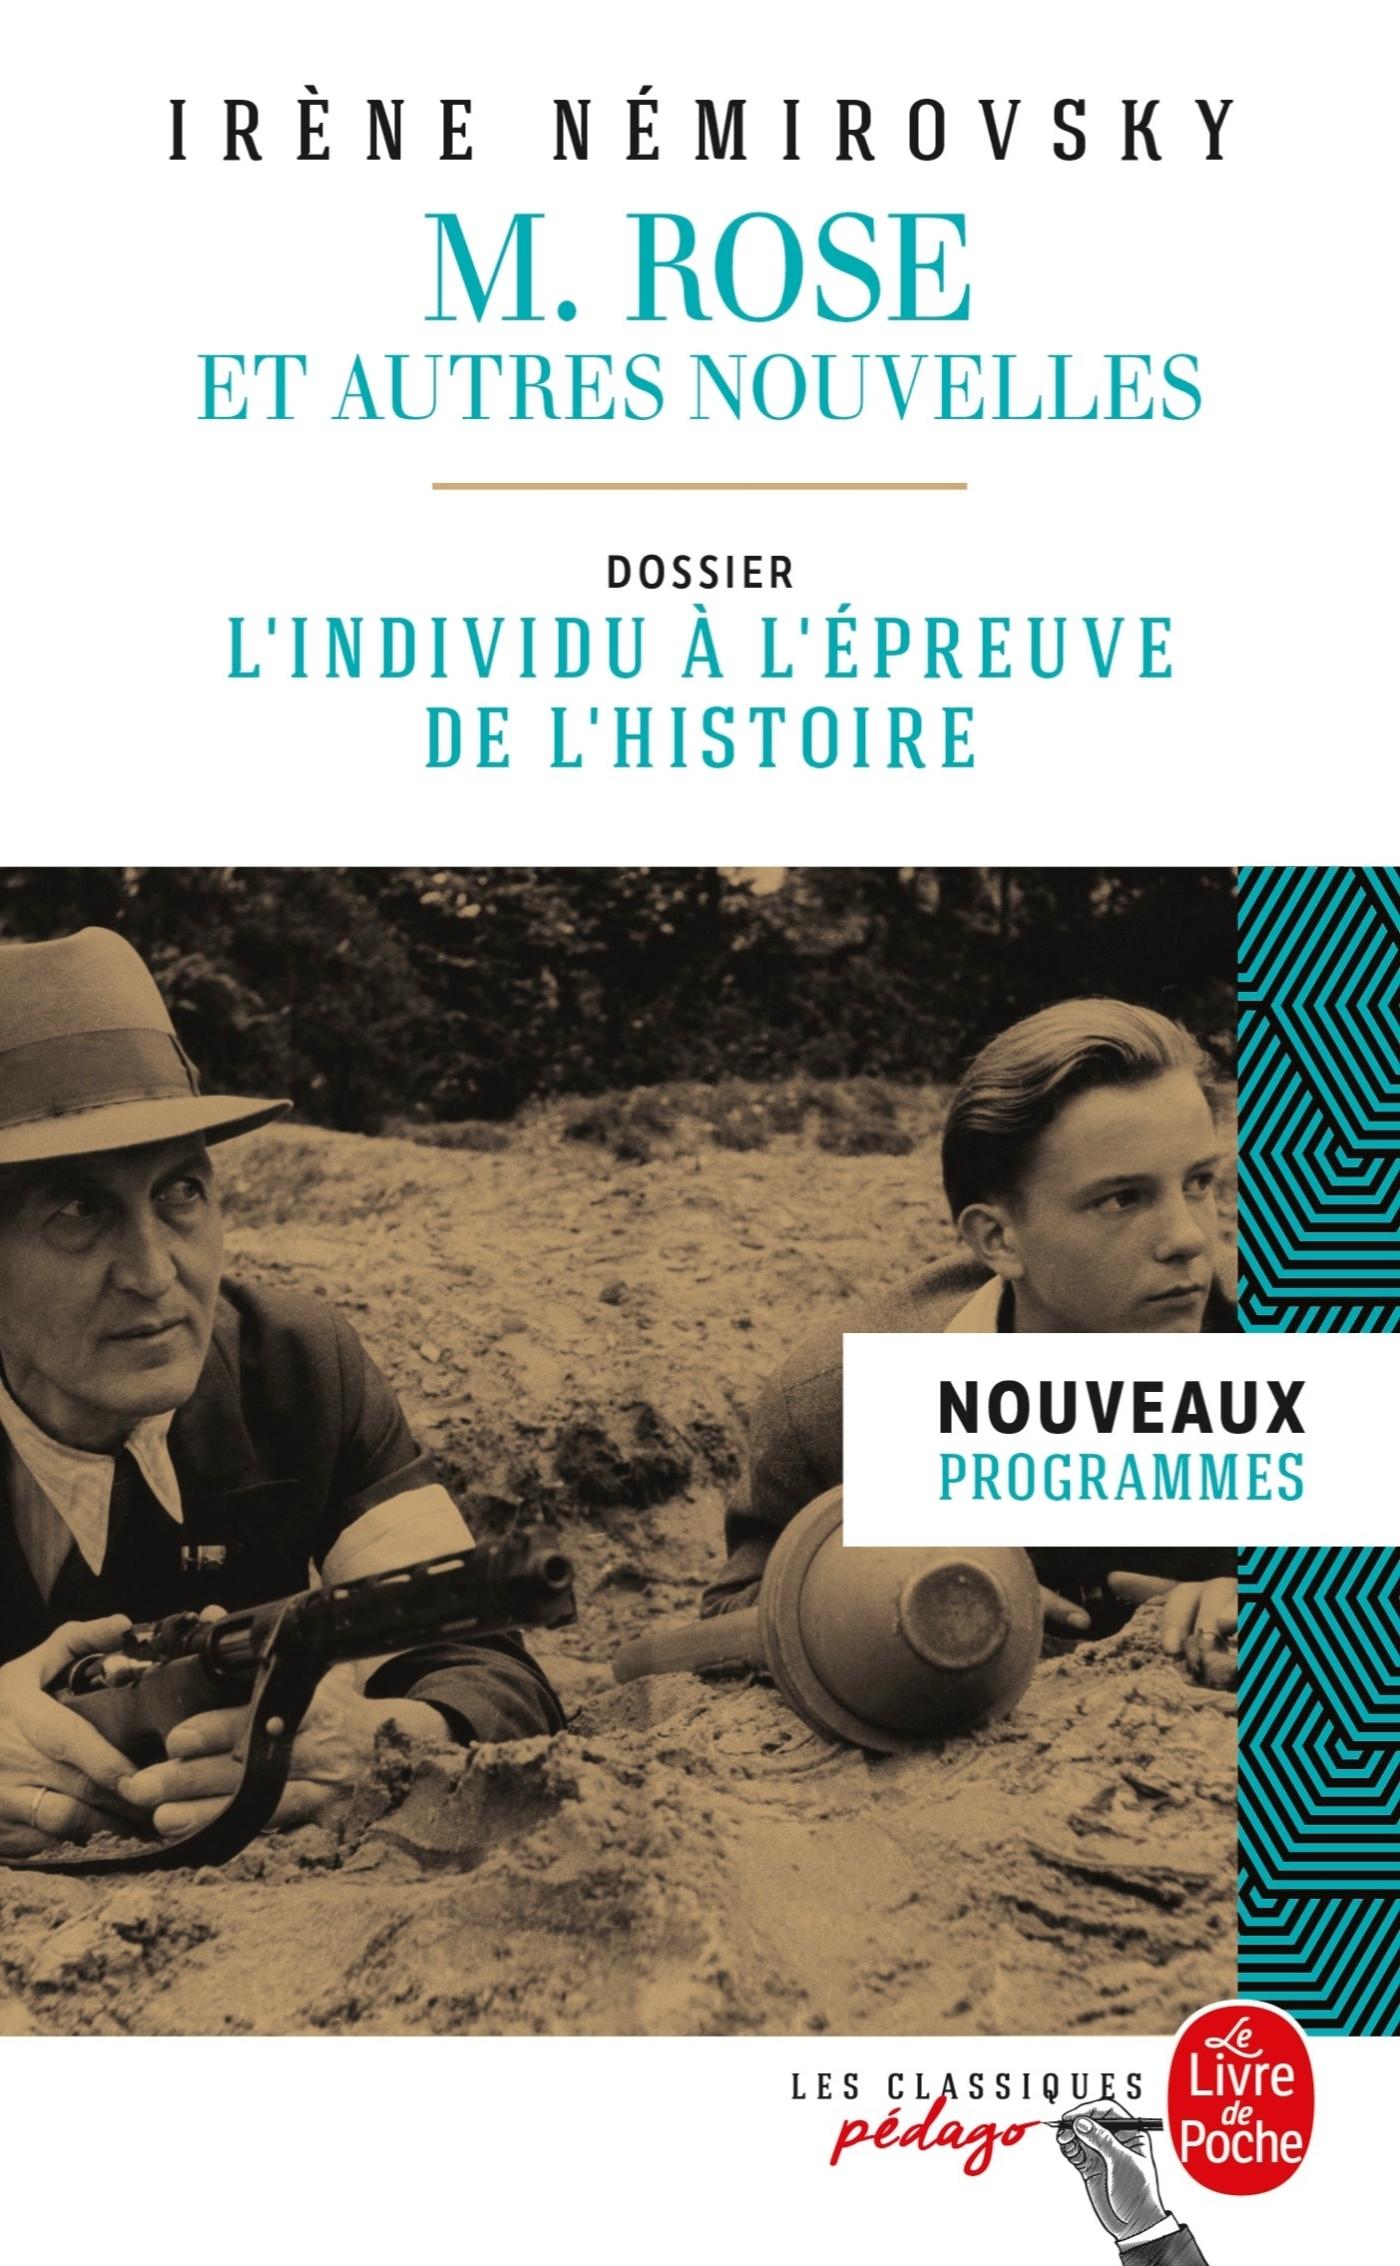 M. ROSE ET AUTRES NOUVELLES (EDITION PEDAGOGIQUE) - DOSSIER THEMATIQUE : L'INDIVIDU A L'EPREUVE DE L